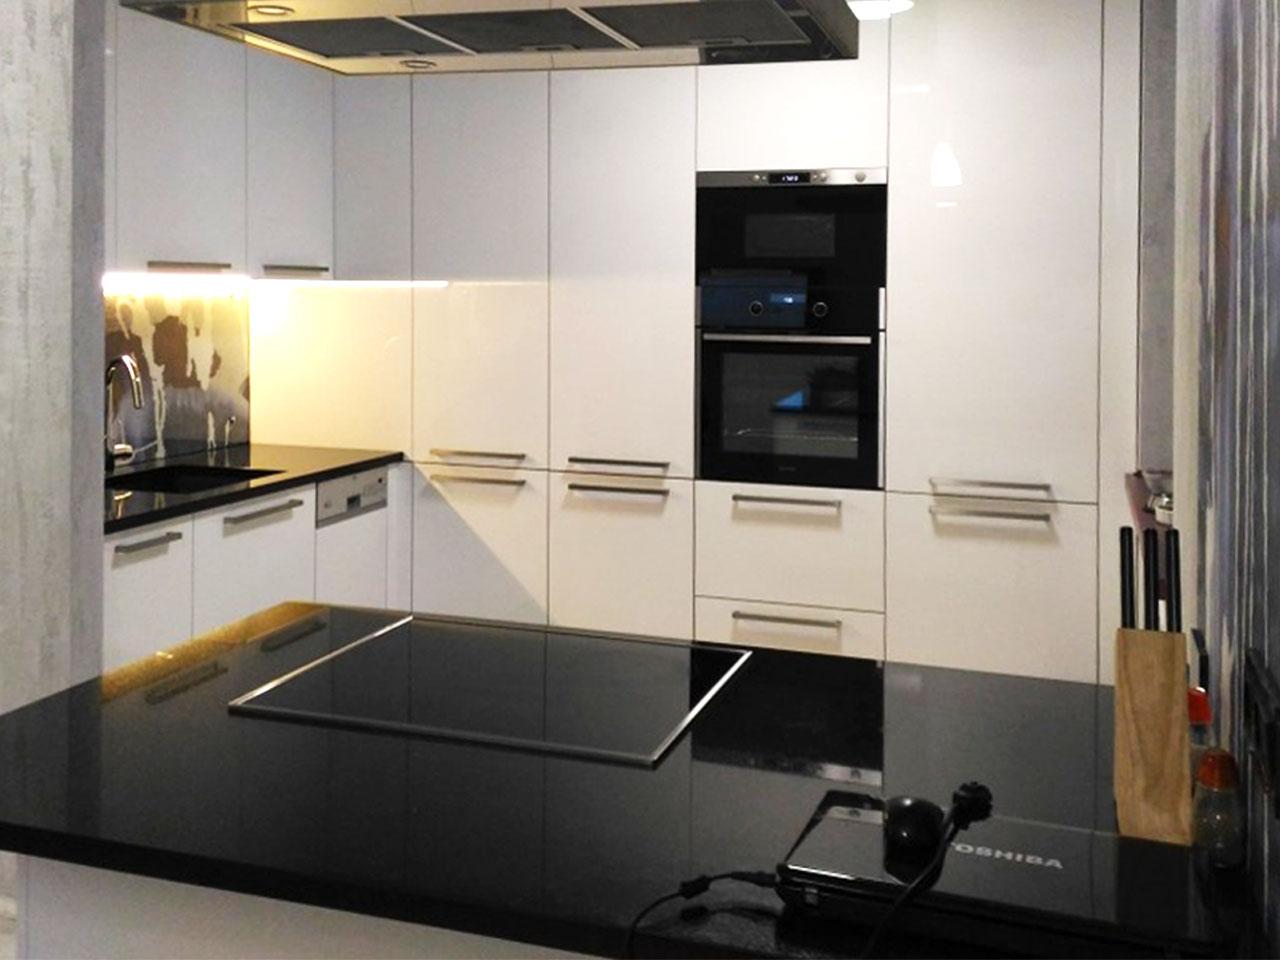 Фото. Угловые кухни. Цена 210 тыс. рублей